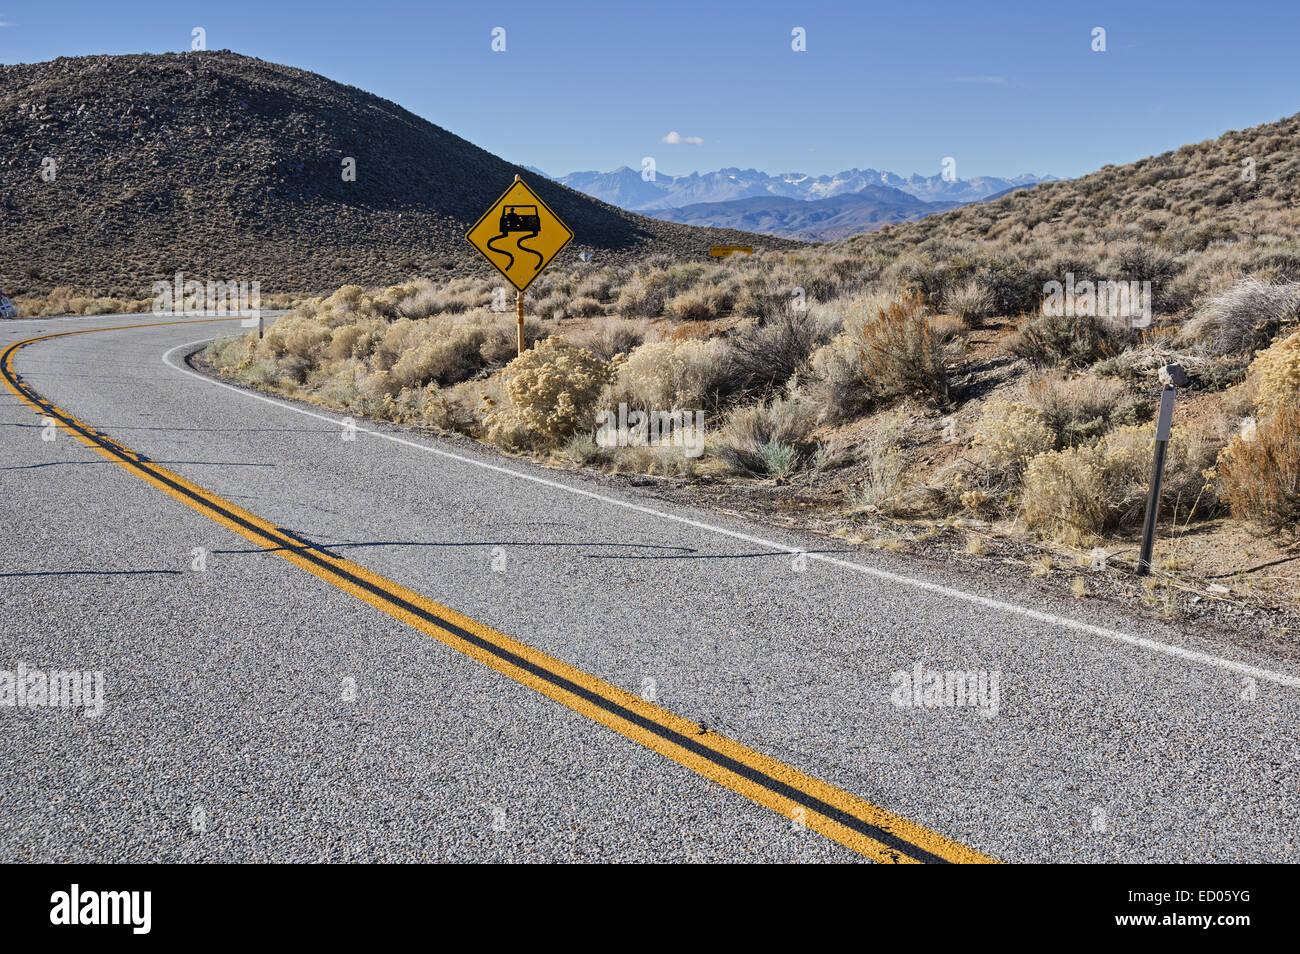 Carretera curvada con signo resbalosa y montañas distantes Imagen De Stock